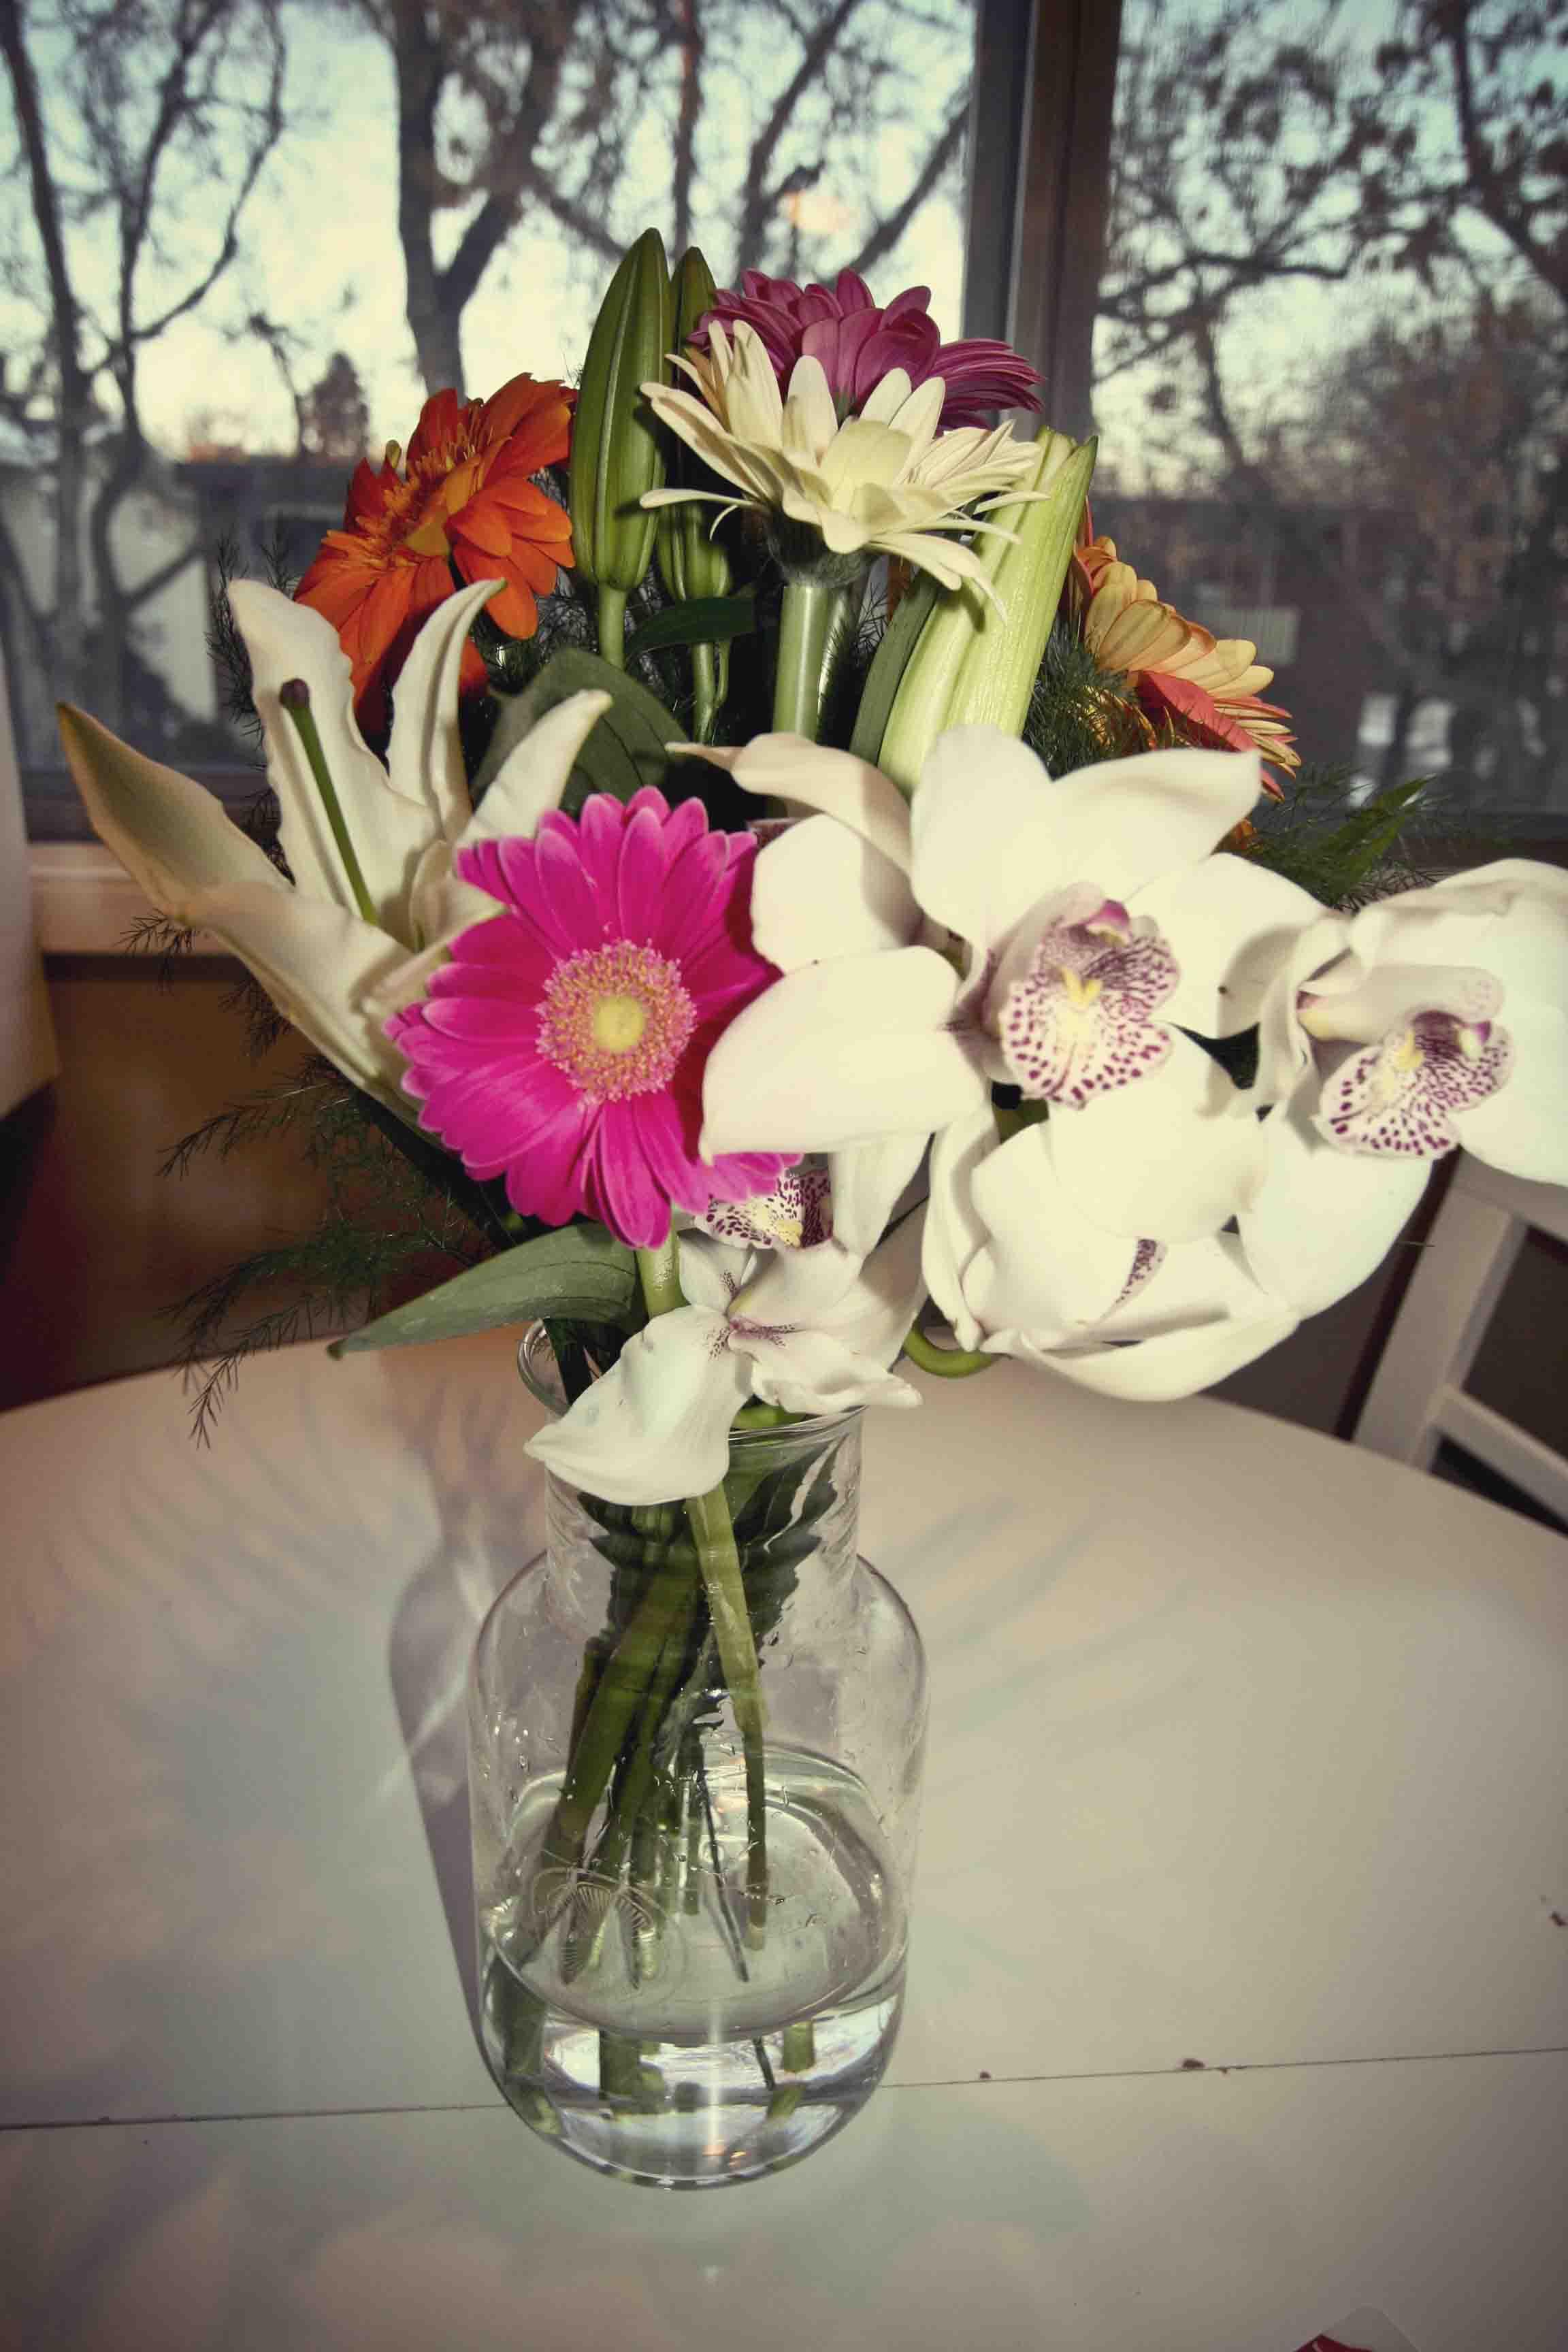 Vdayflowers